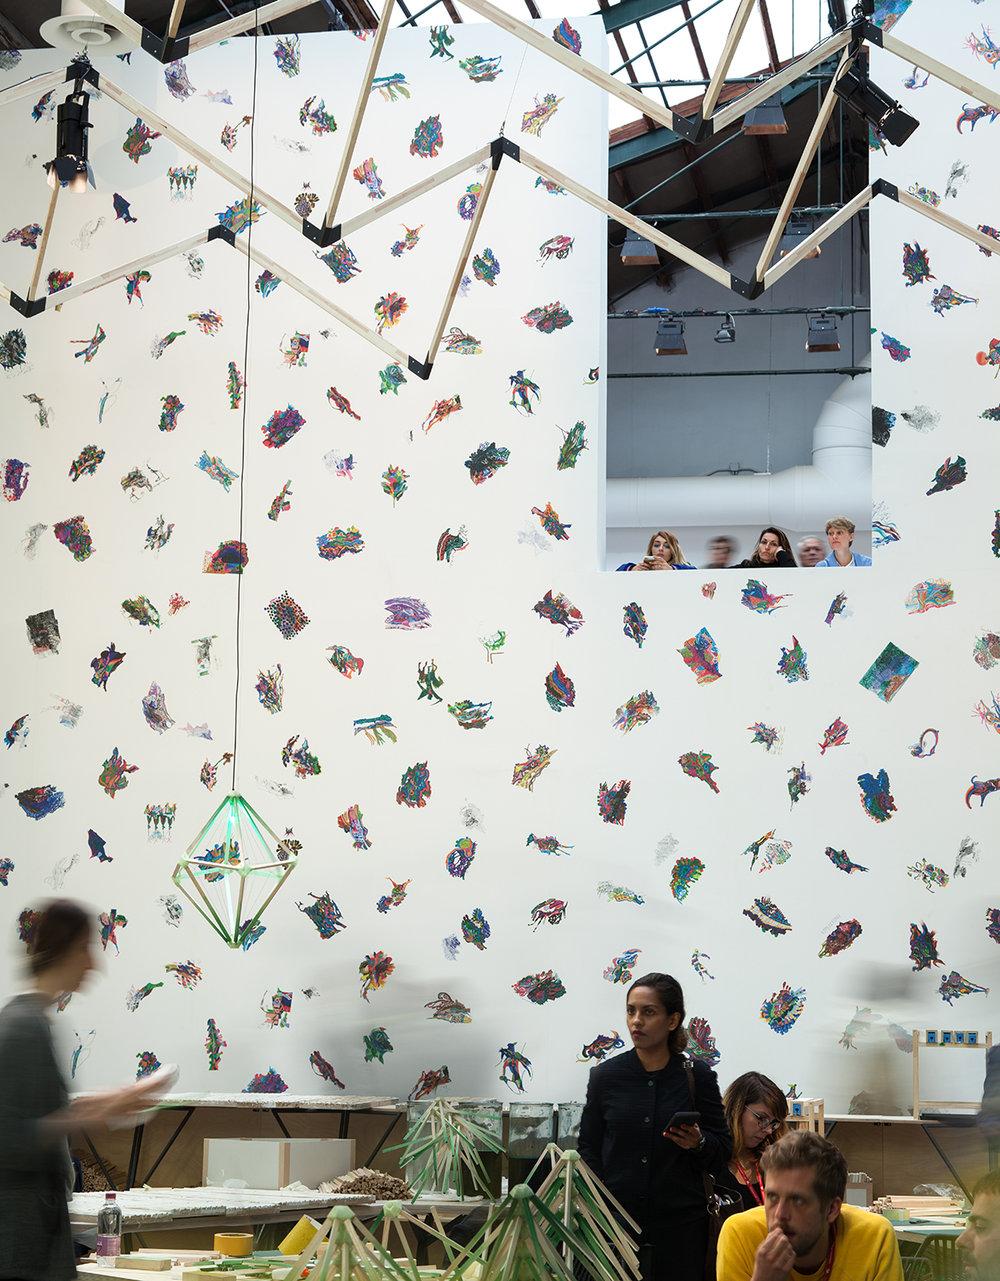 Edi Rama, 57. Esposizione Internazionale d'Arte - La Biennale di Venezia, Viva Arte Viva: photo: Francesco Galli; courtesy: La Biennale di Venezia